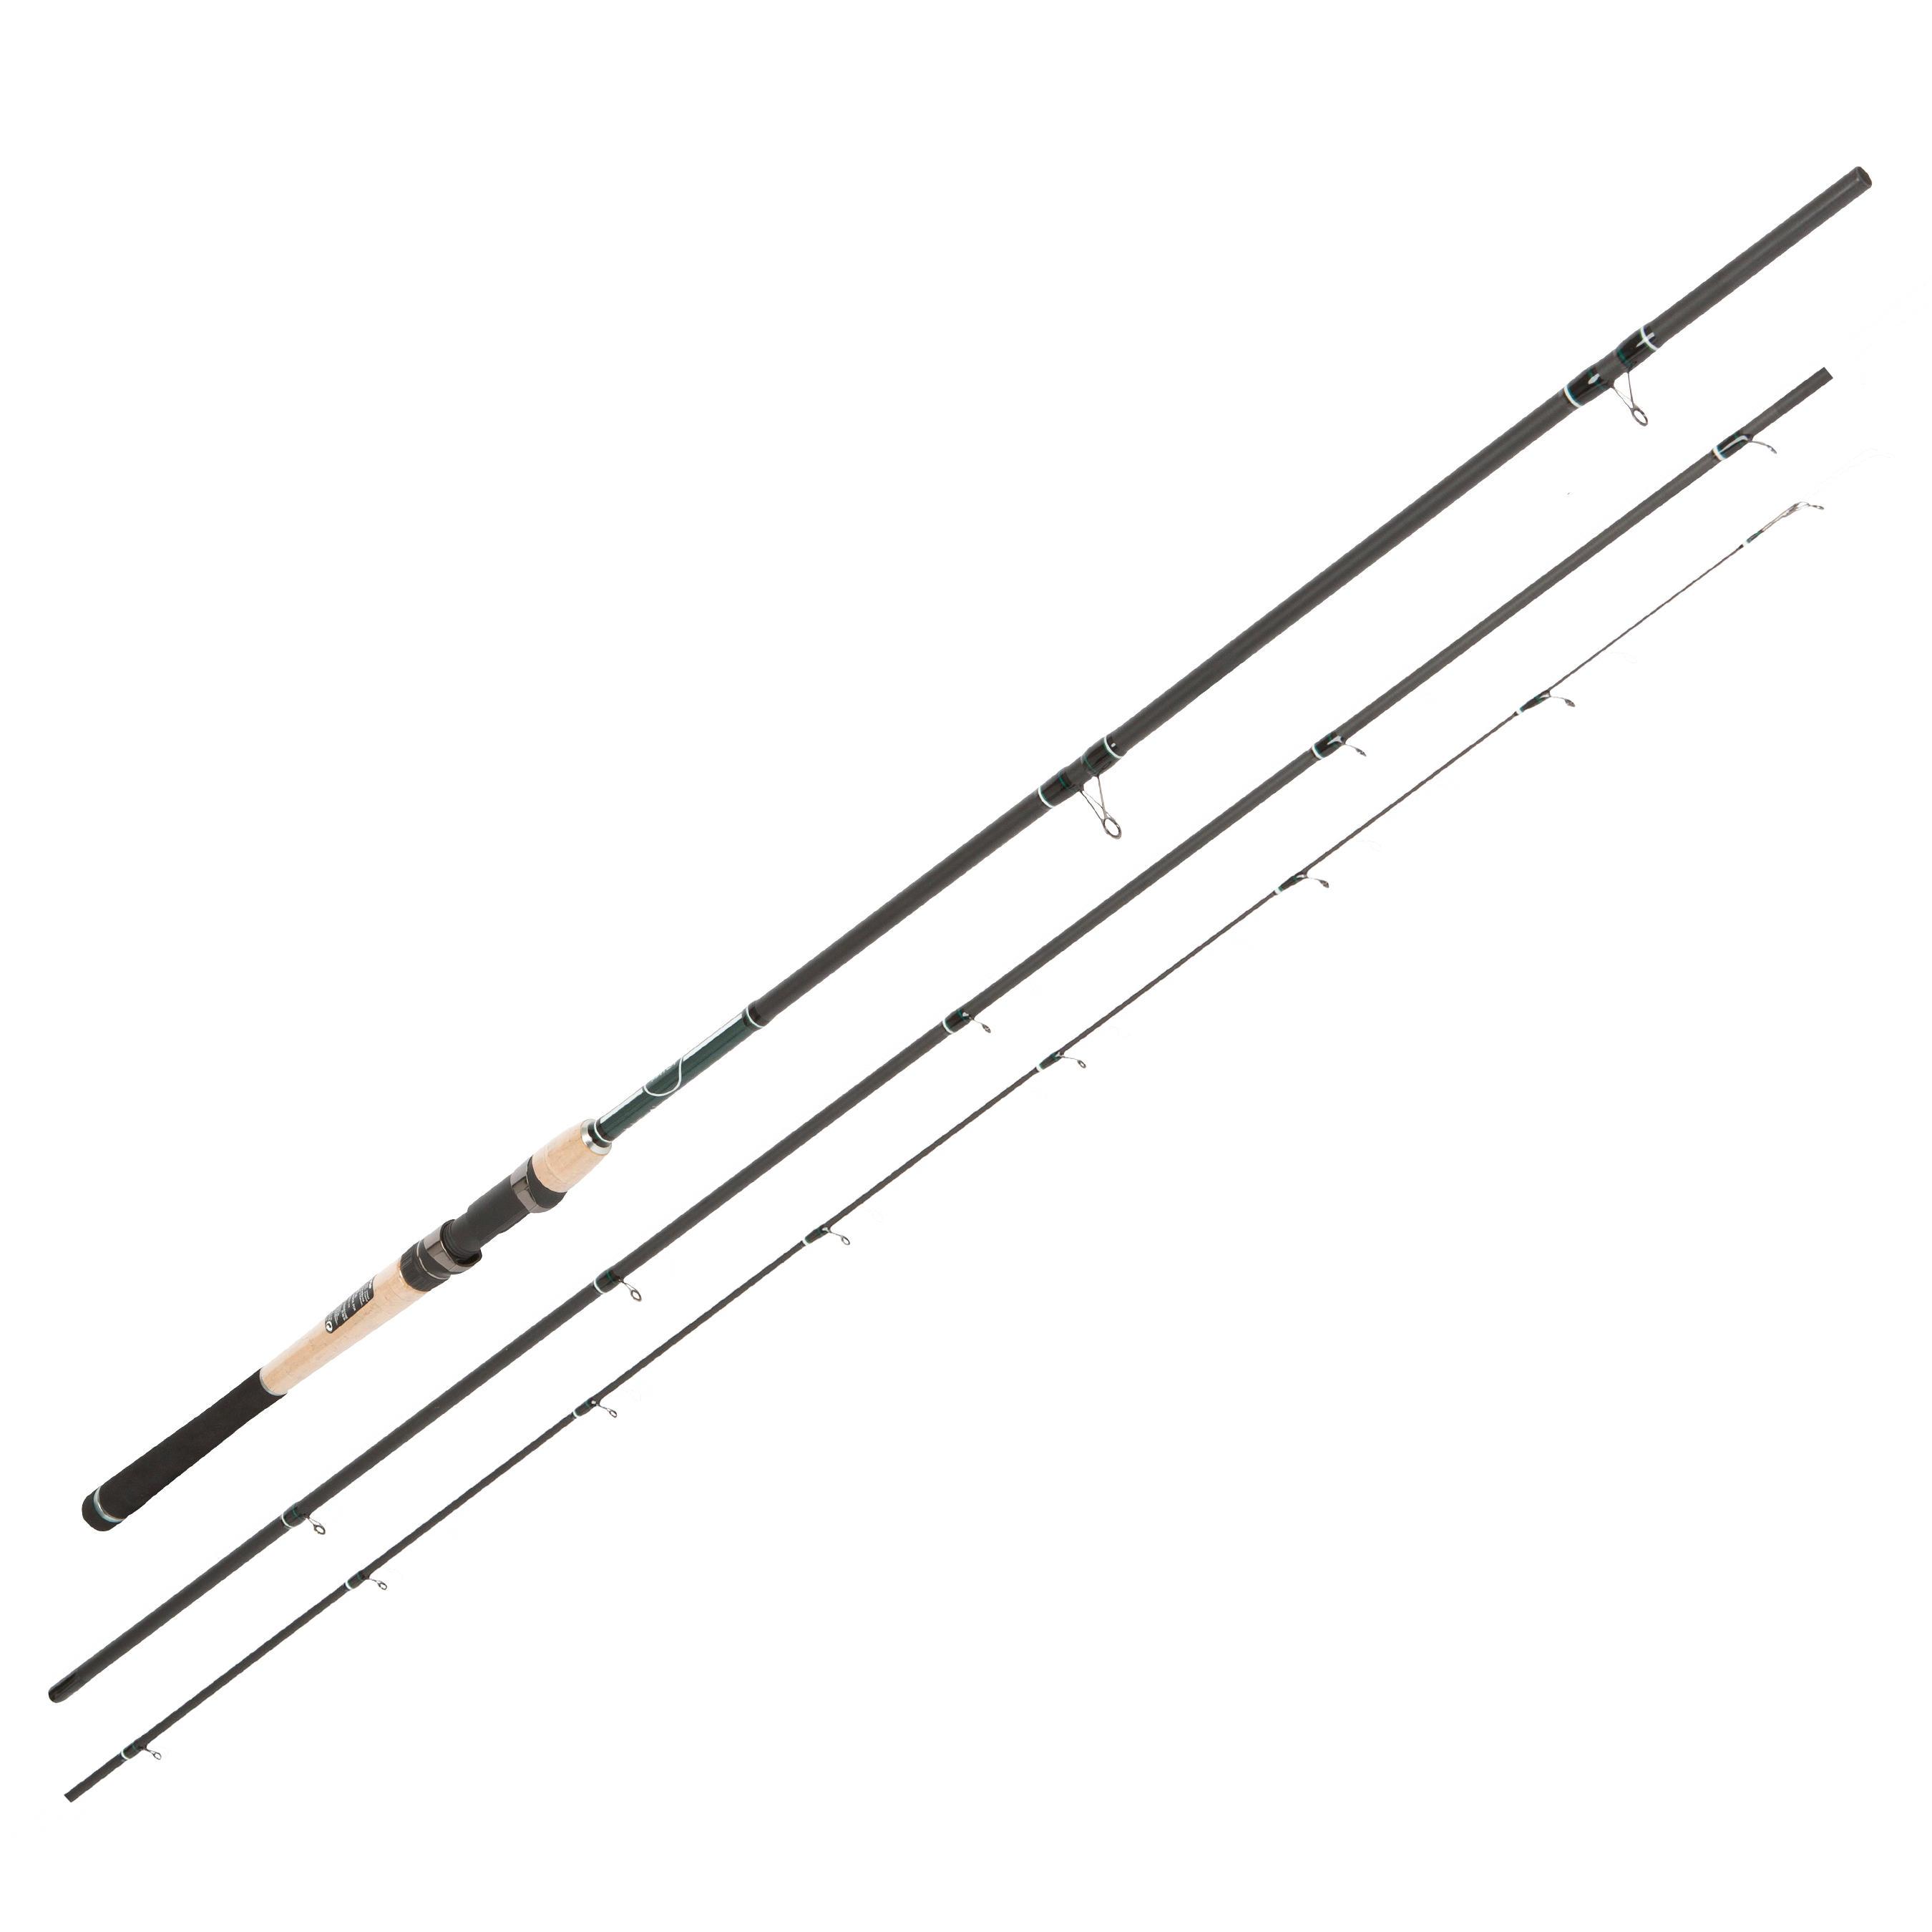 Caperlan Hengel voor matchvissen Blackrod Match Light 390